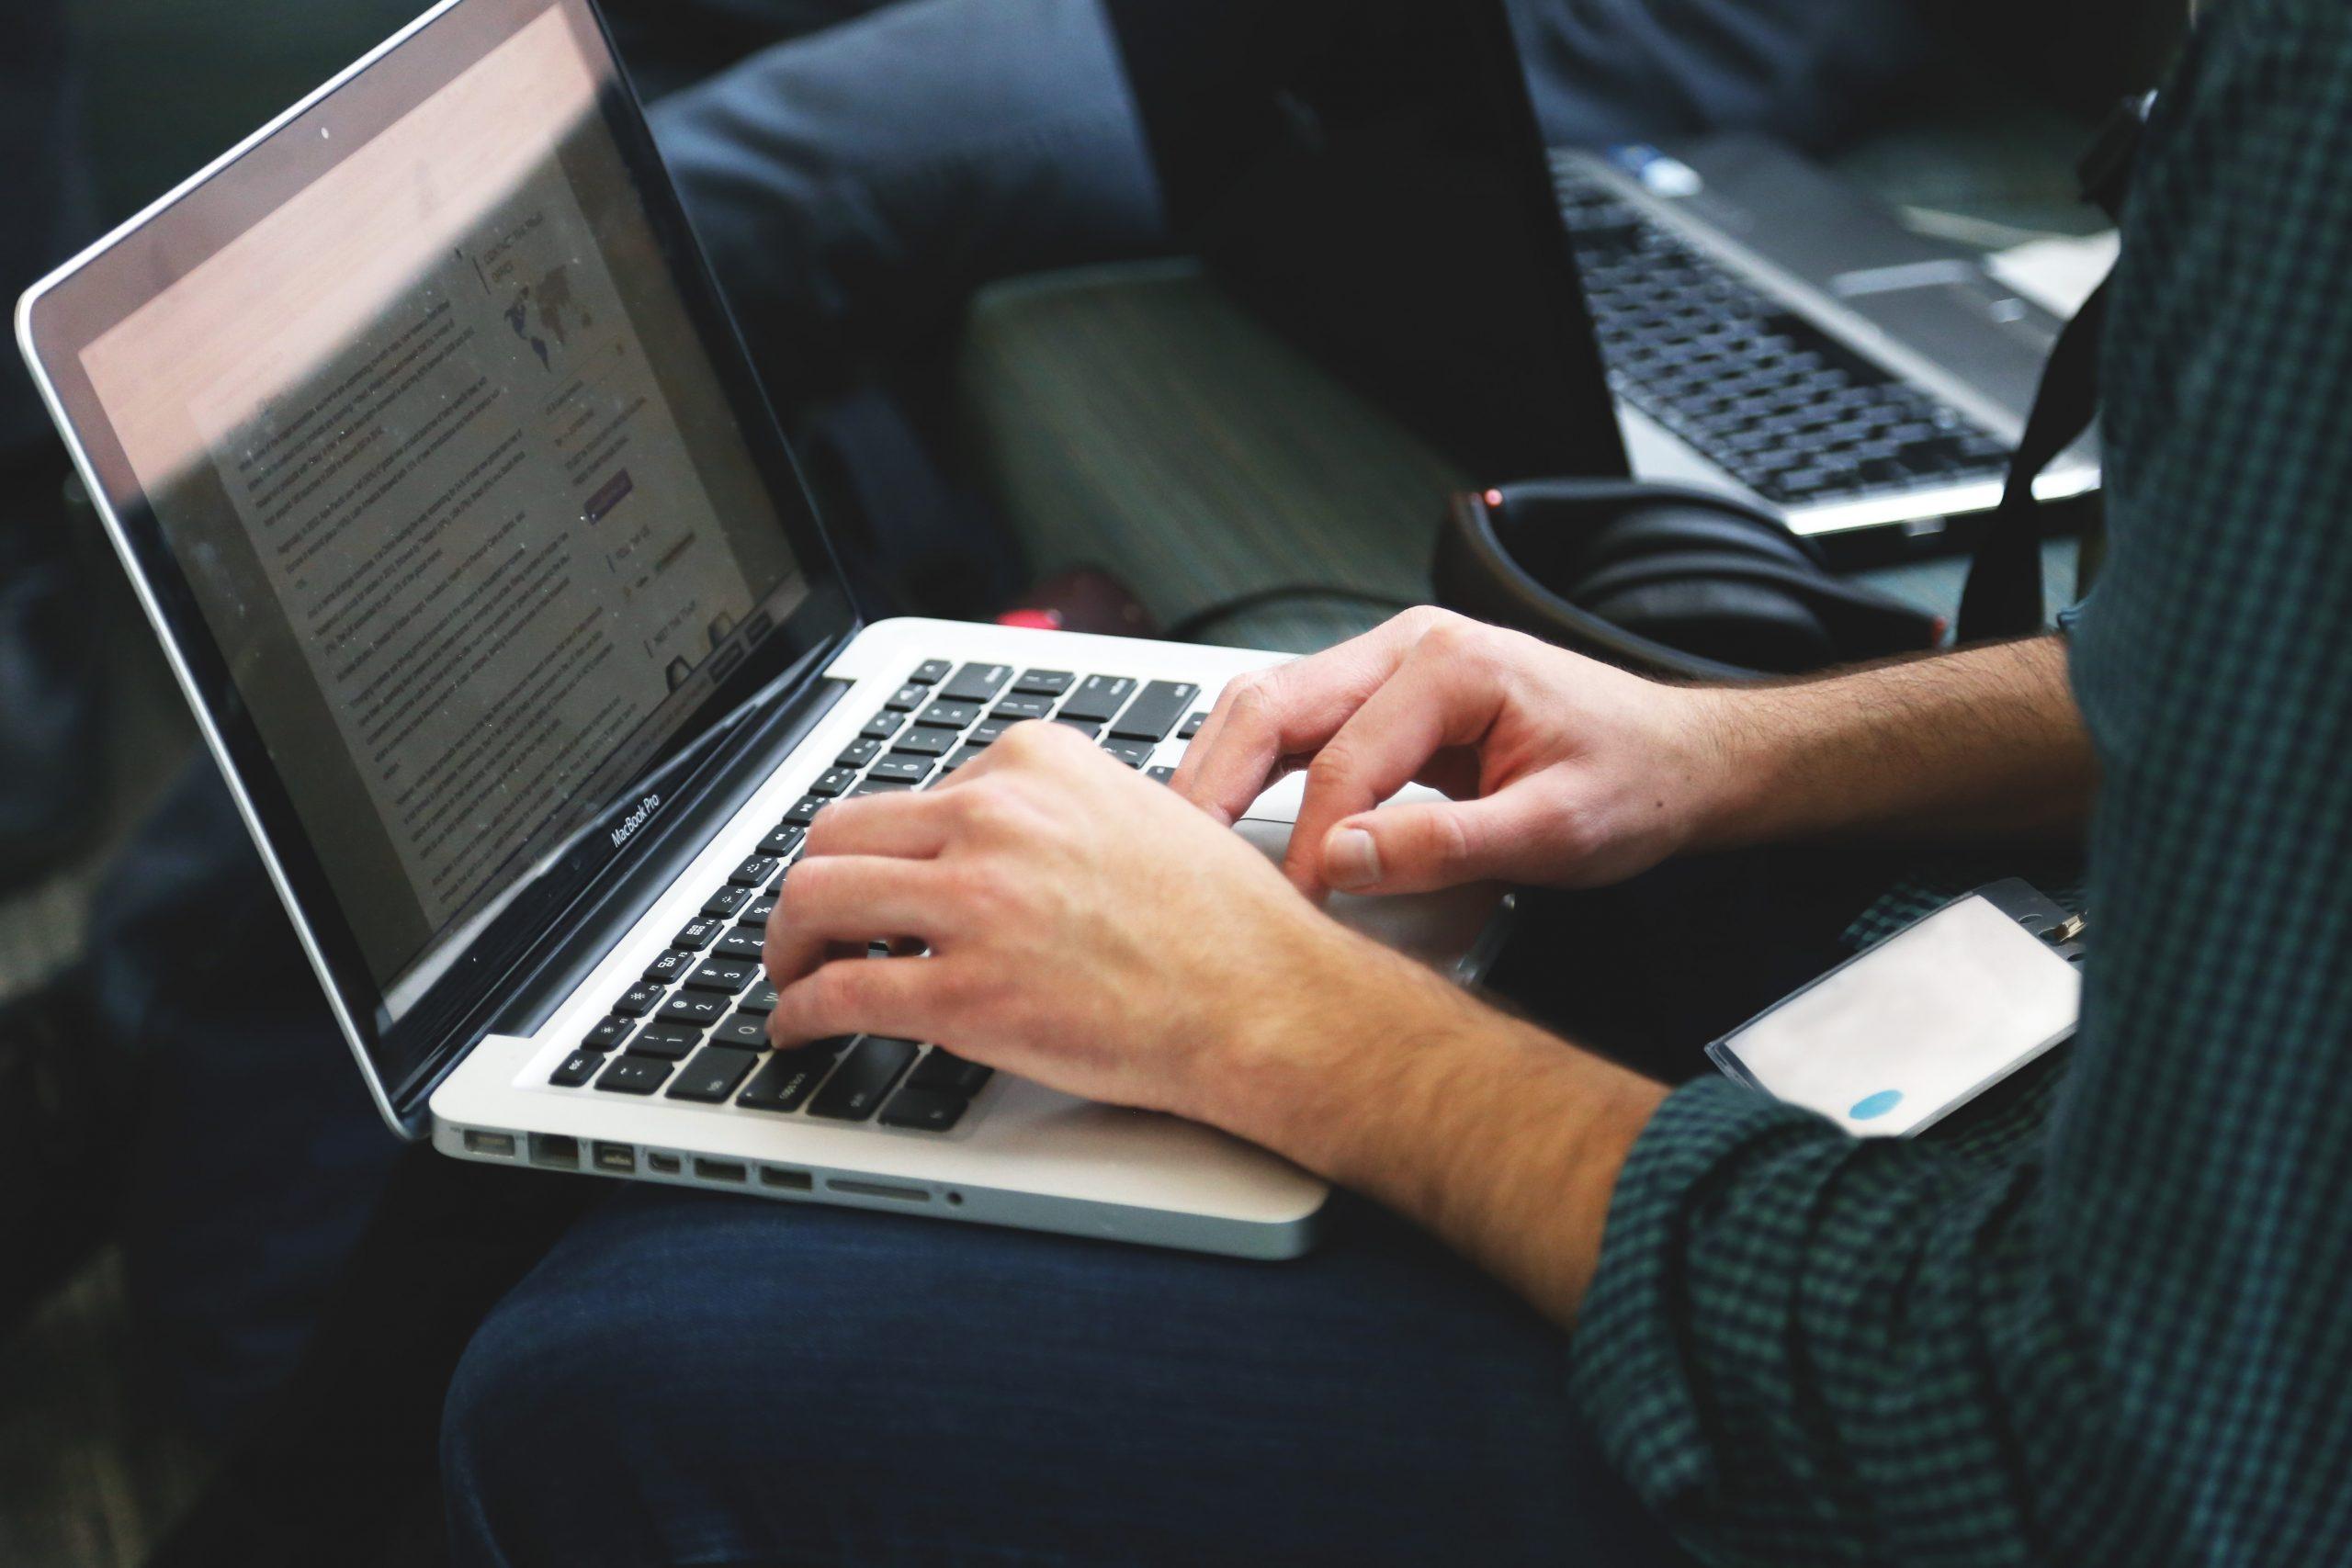 Il passaggio dall'accesso alla rete all'accesso alle applicazioni